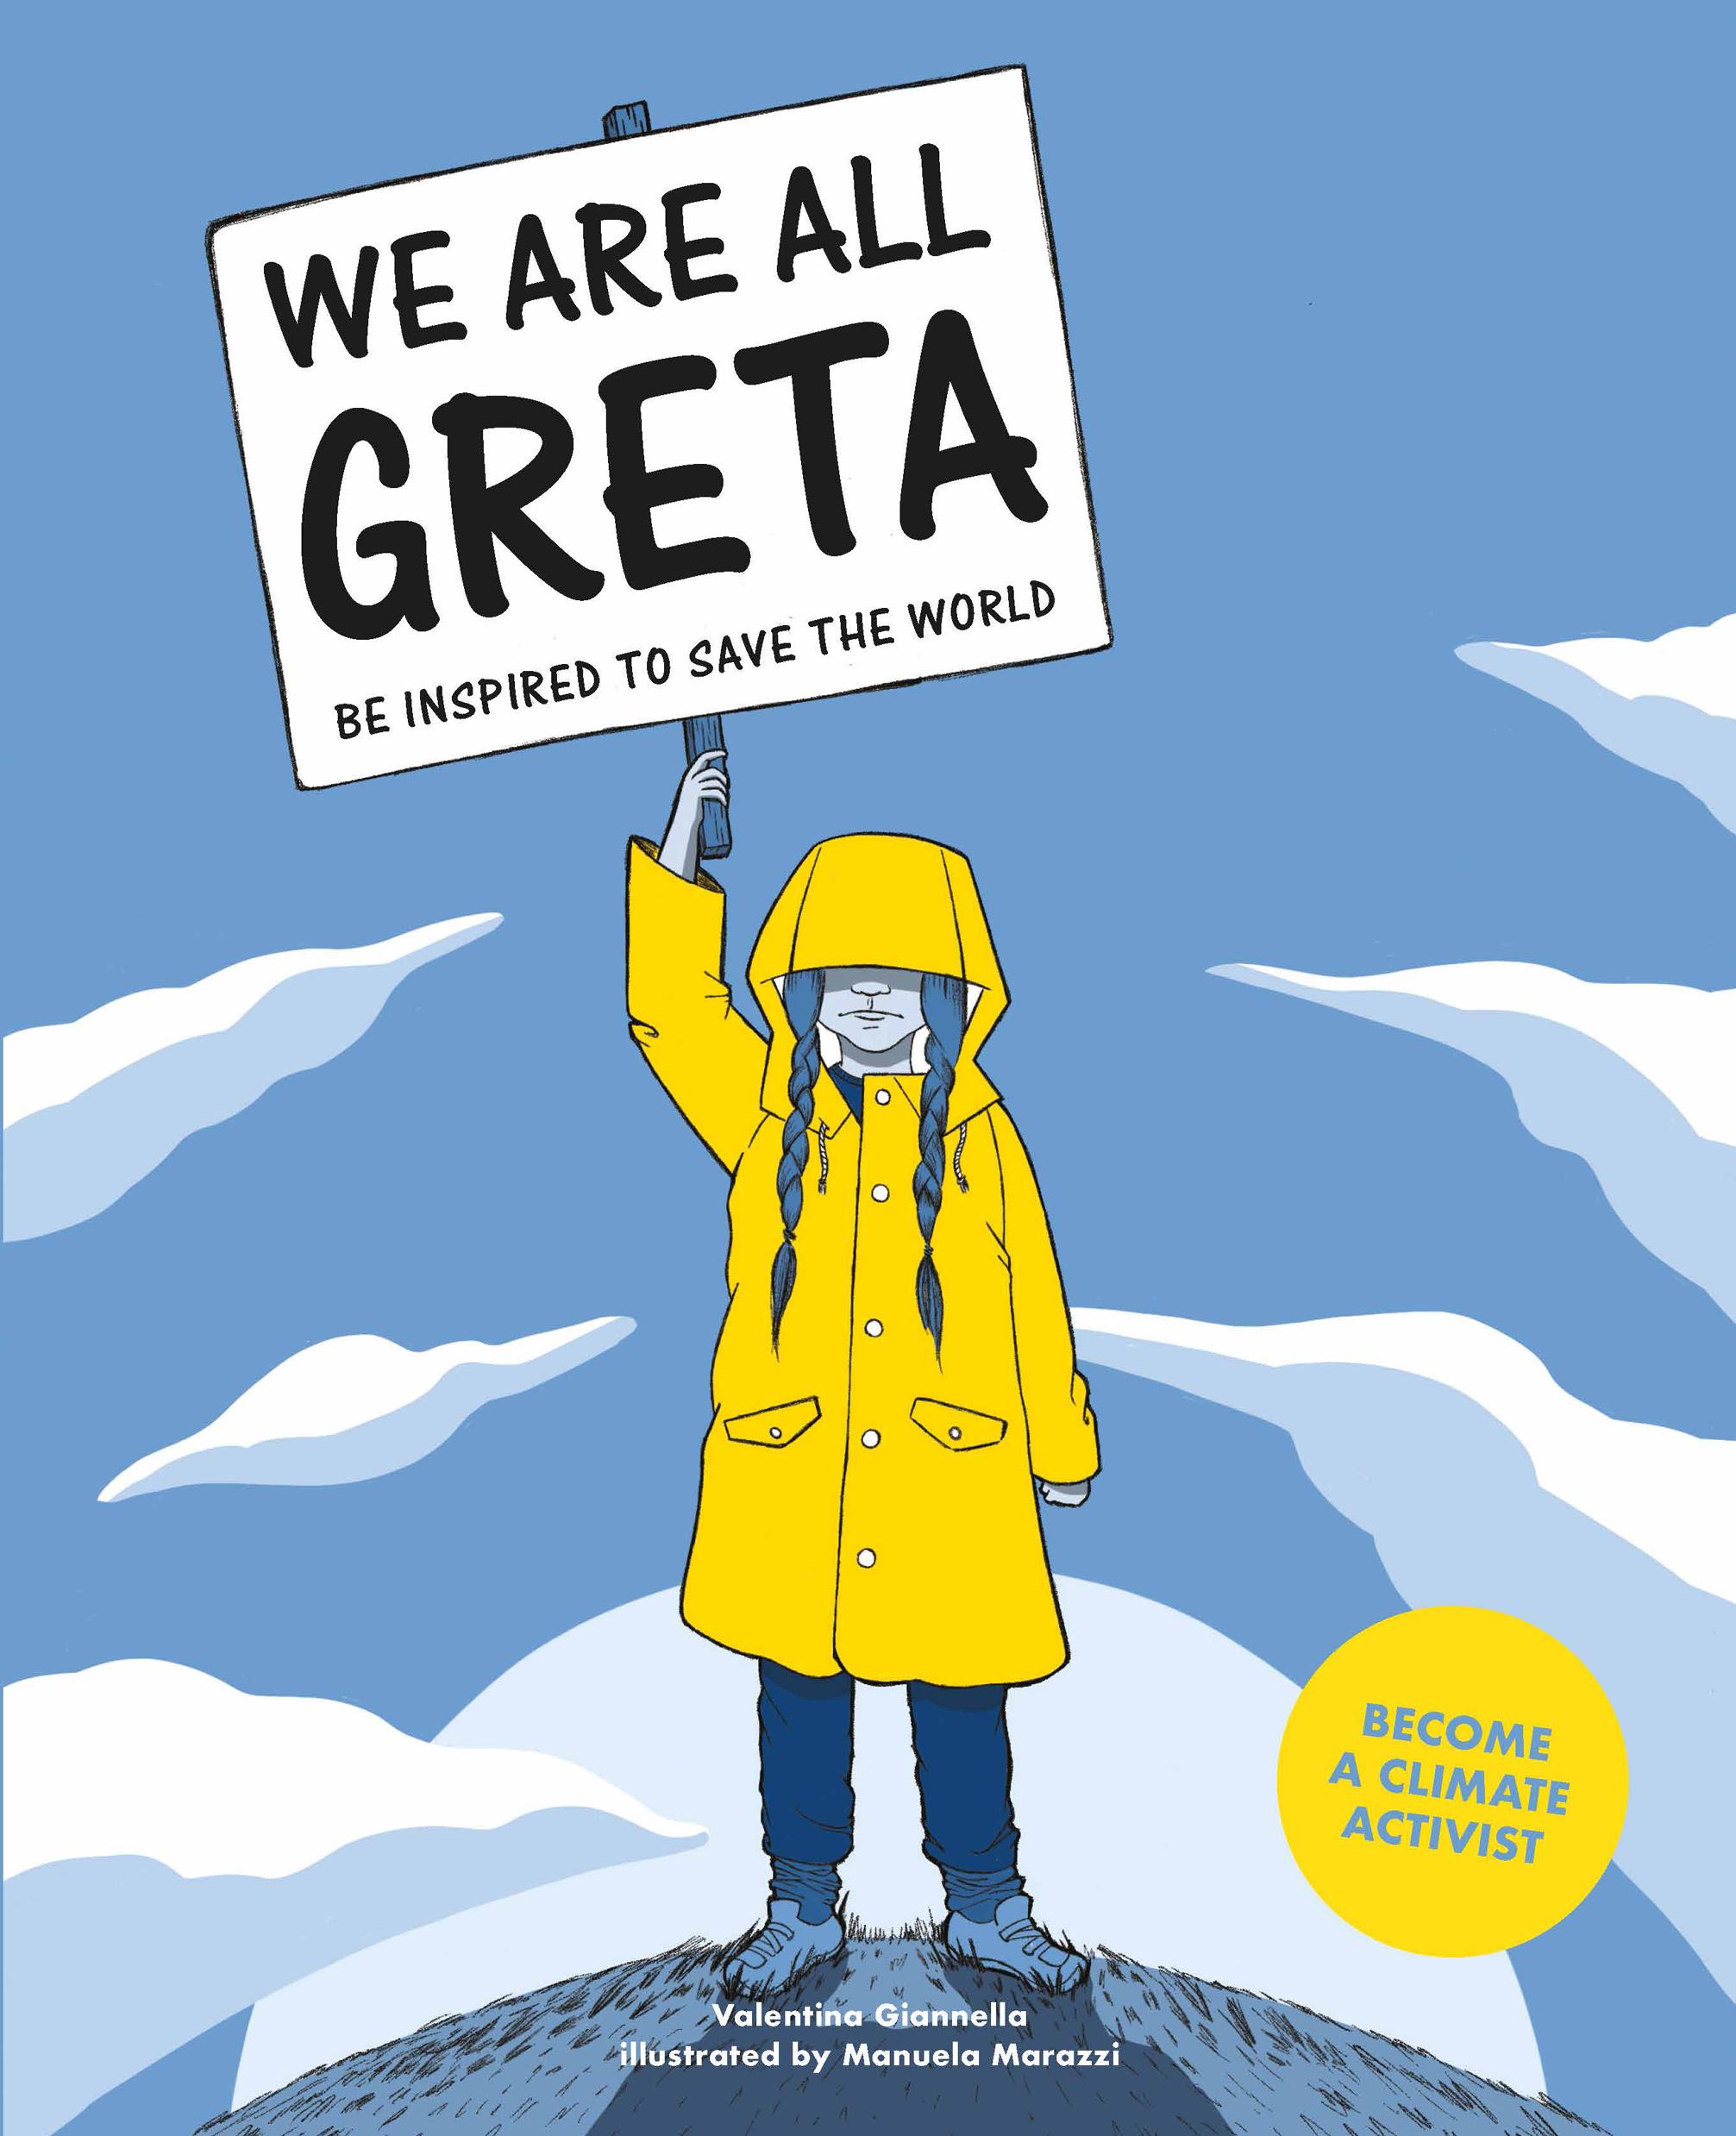 We Are All Greta - Valentina Giannella